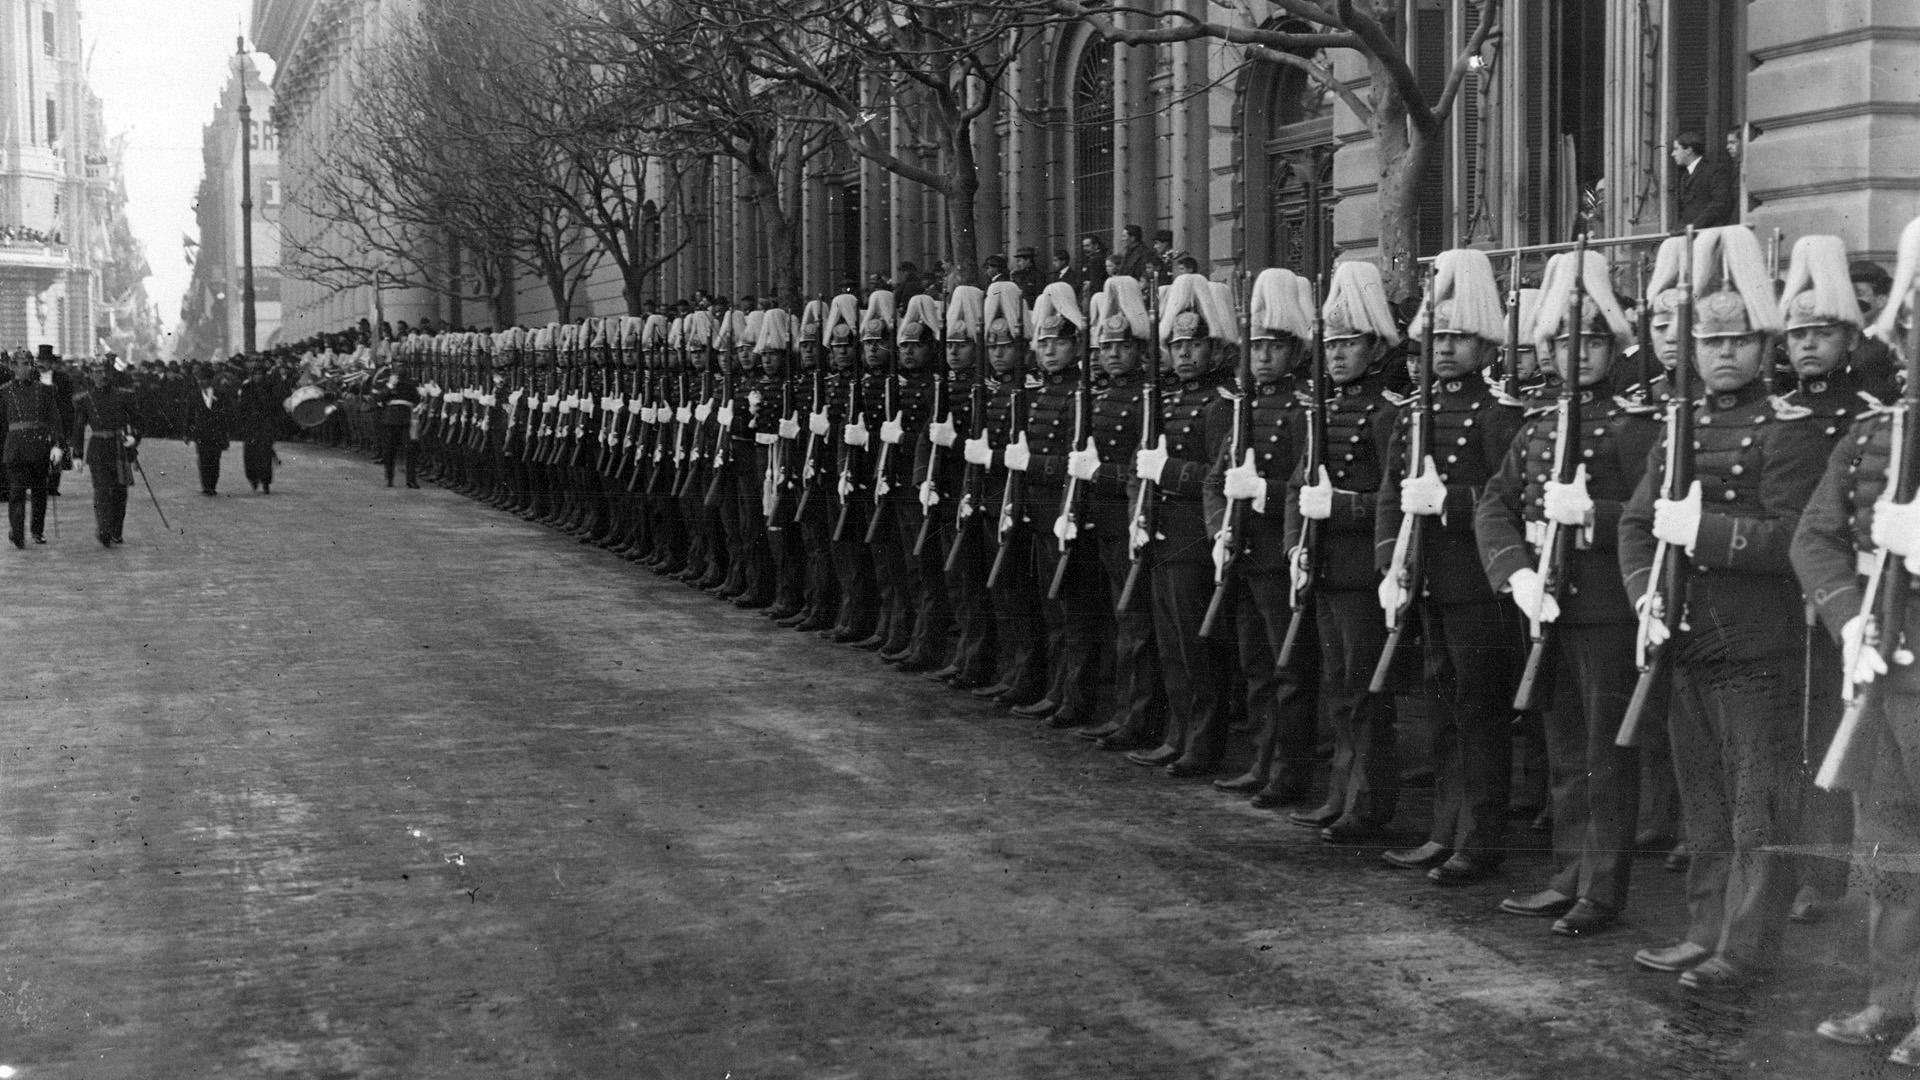 La Avenida de Mayo fue epicentro de los desfiles militares y las delegaciones de los países vecinos.